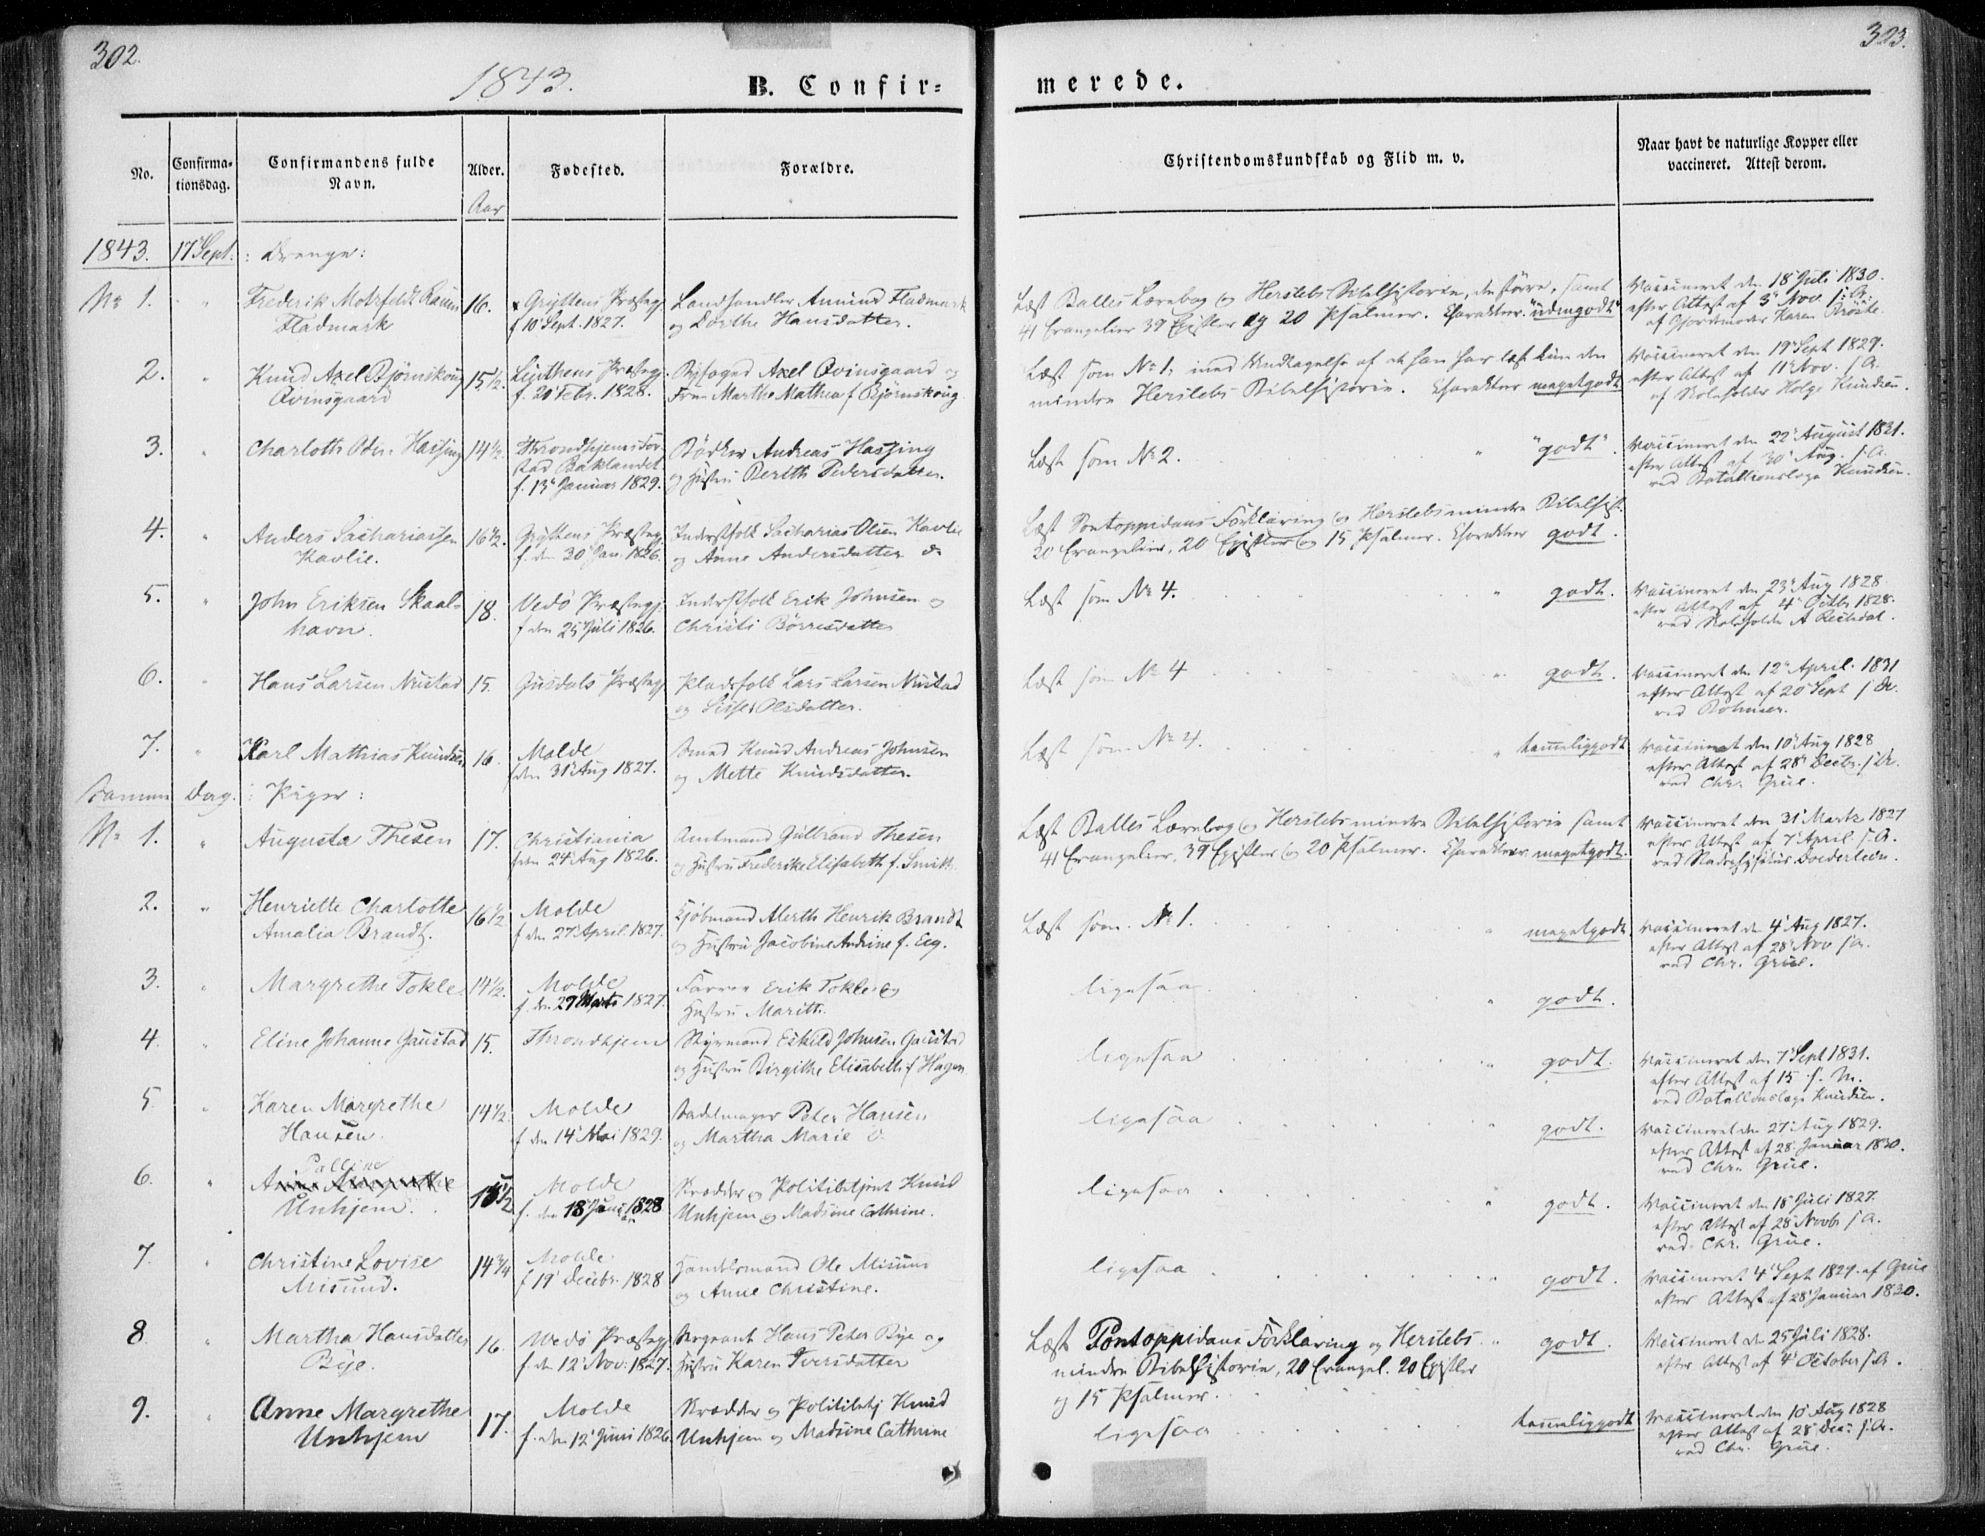 SAT, Ministerialprotokoller, klokkerbøker og fødselsregistre - Møre og Romsdal, 558/L0689: Ministerialbok nr. 558A03, 1843-1872, s. 302-303